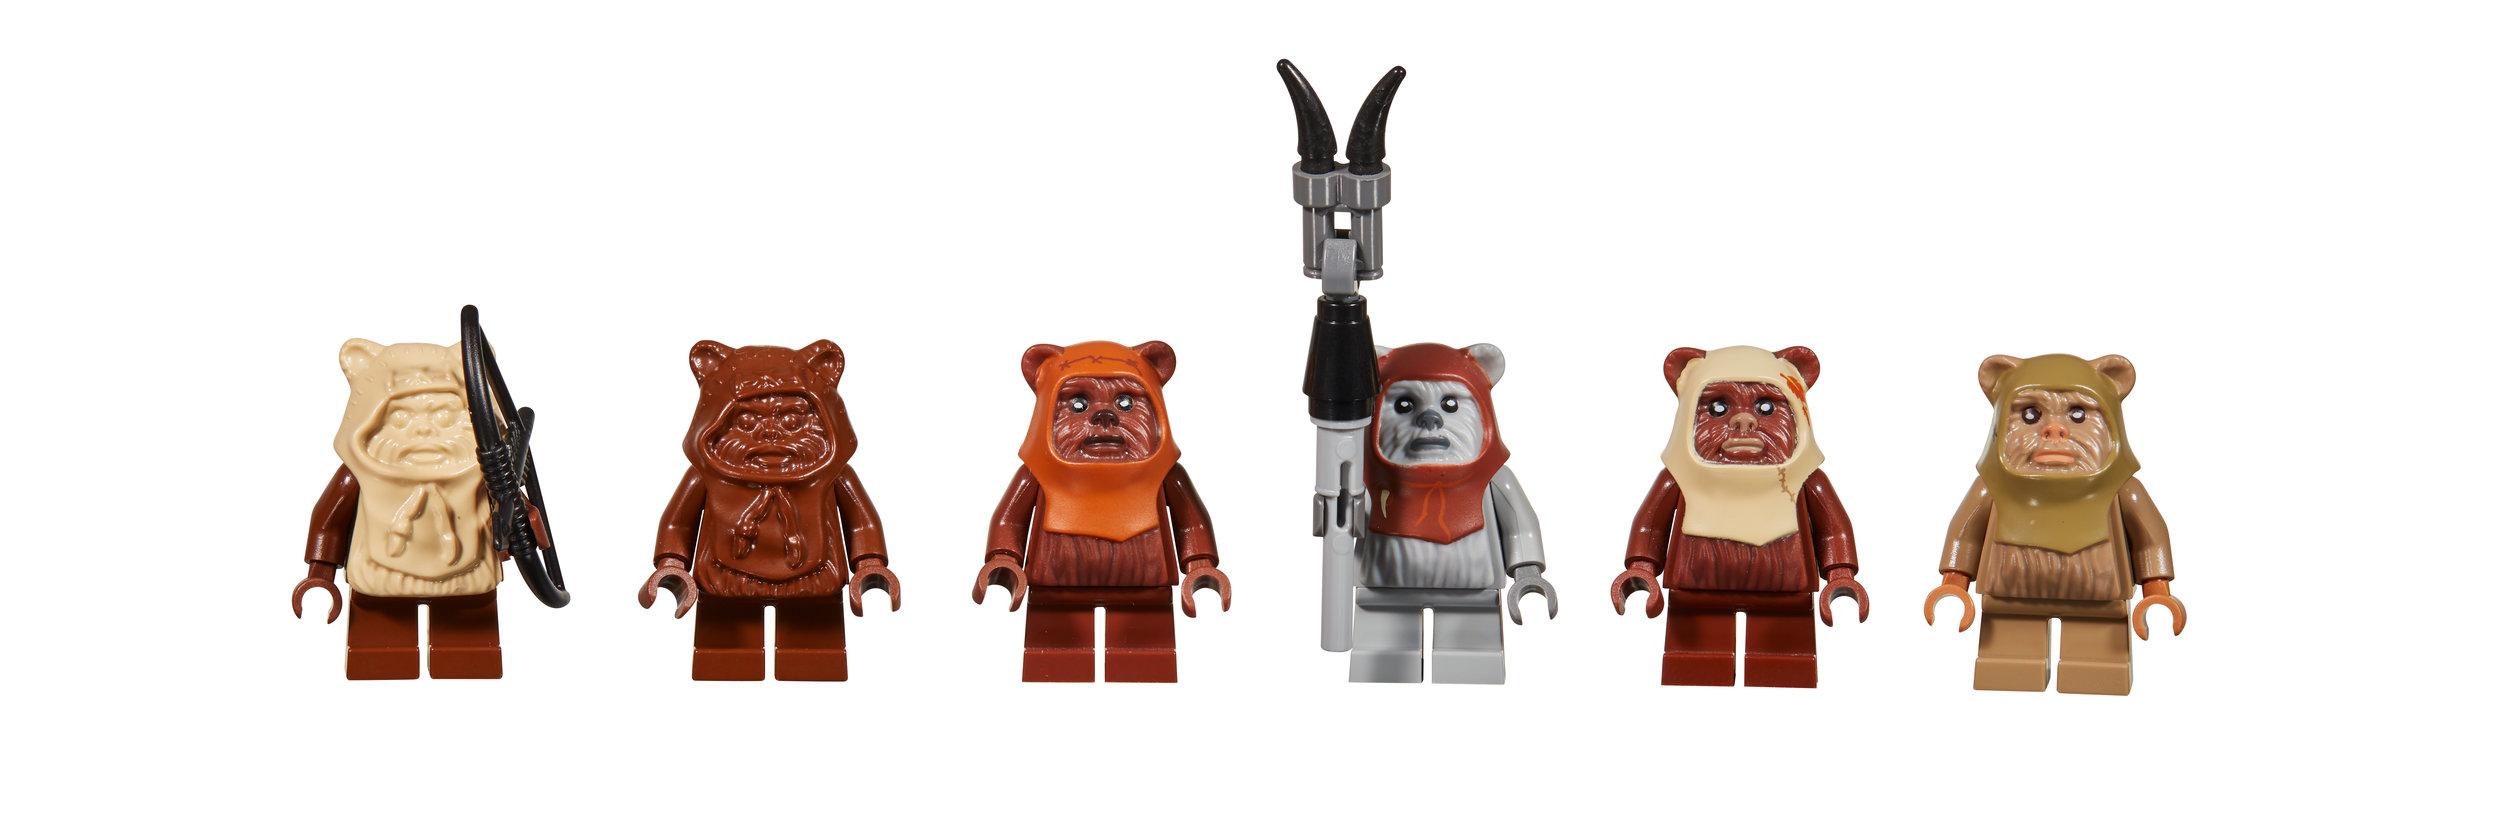 LEGO_Idea_House_Archive_Ewok_2002-2015.jpg